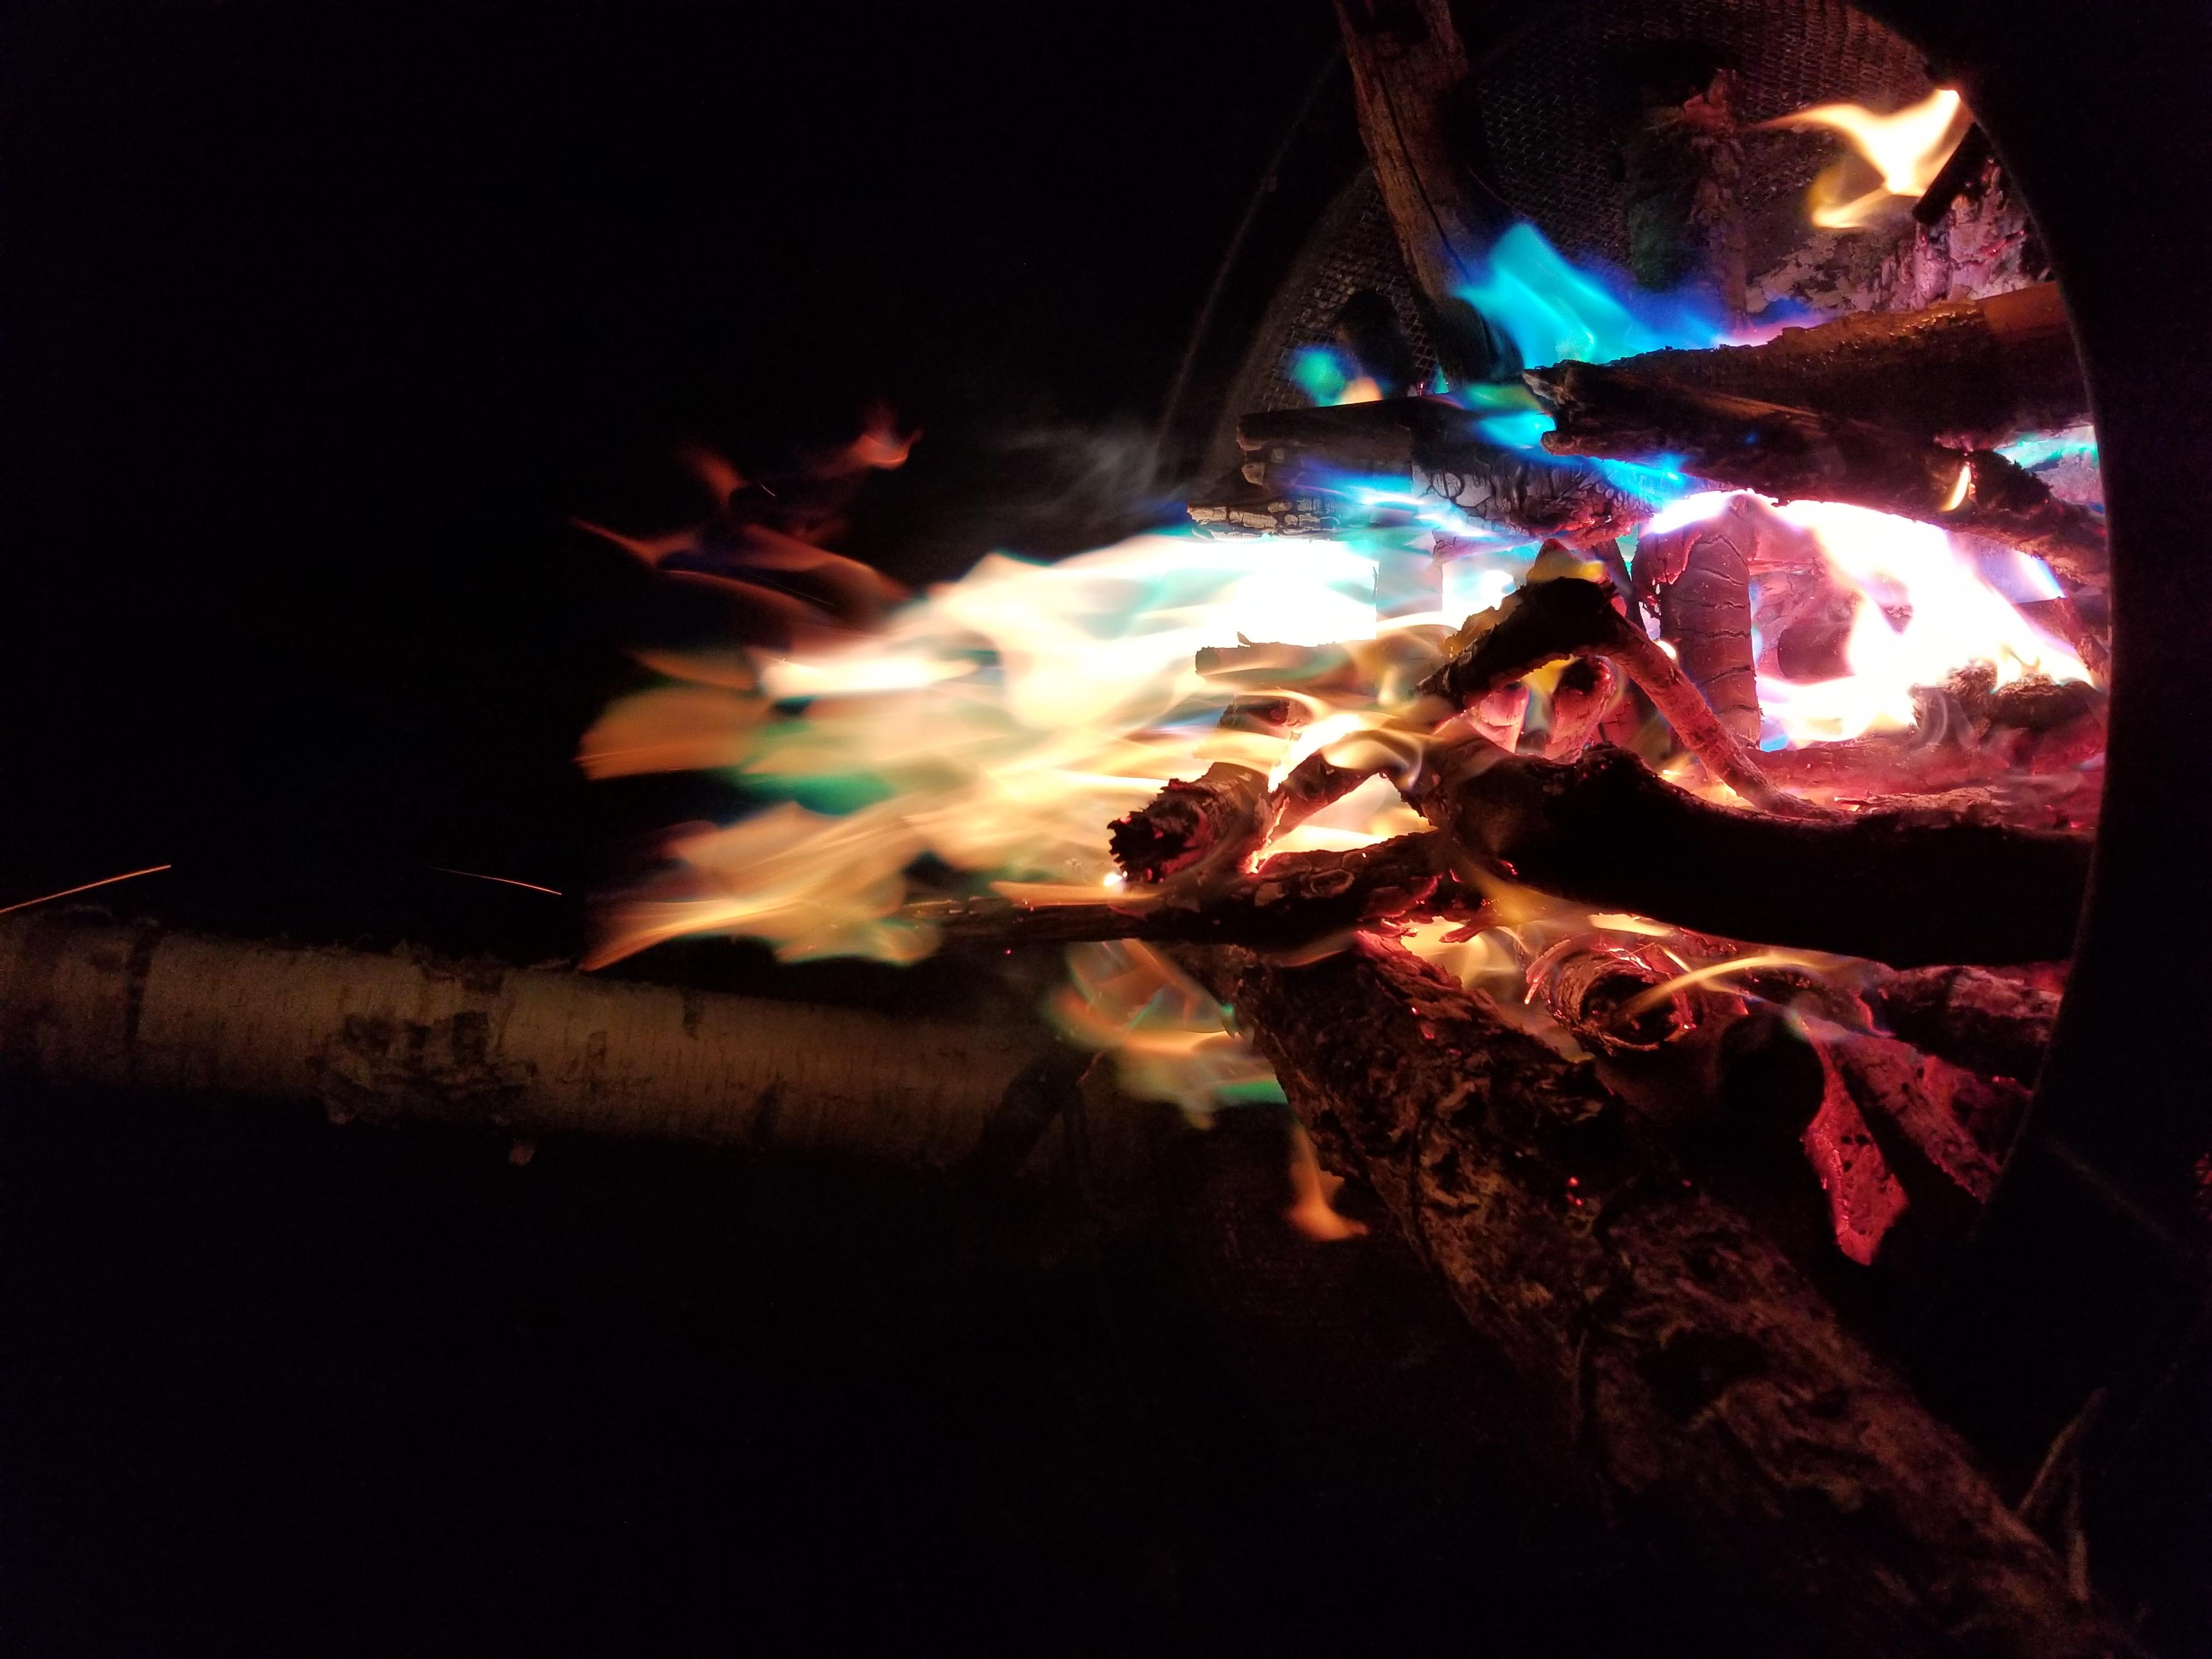 ooh ahh Fire